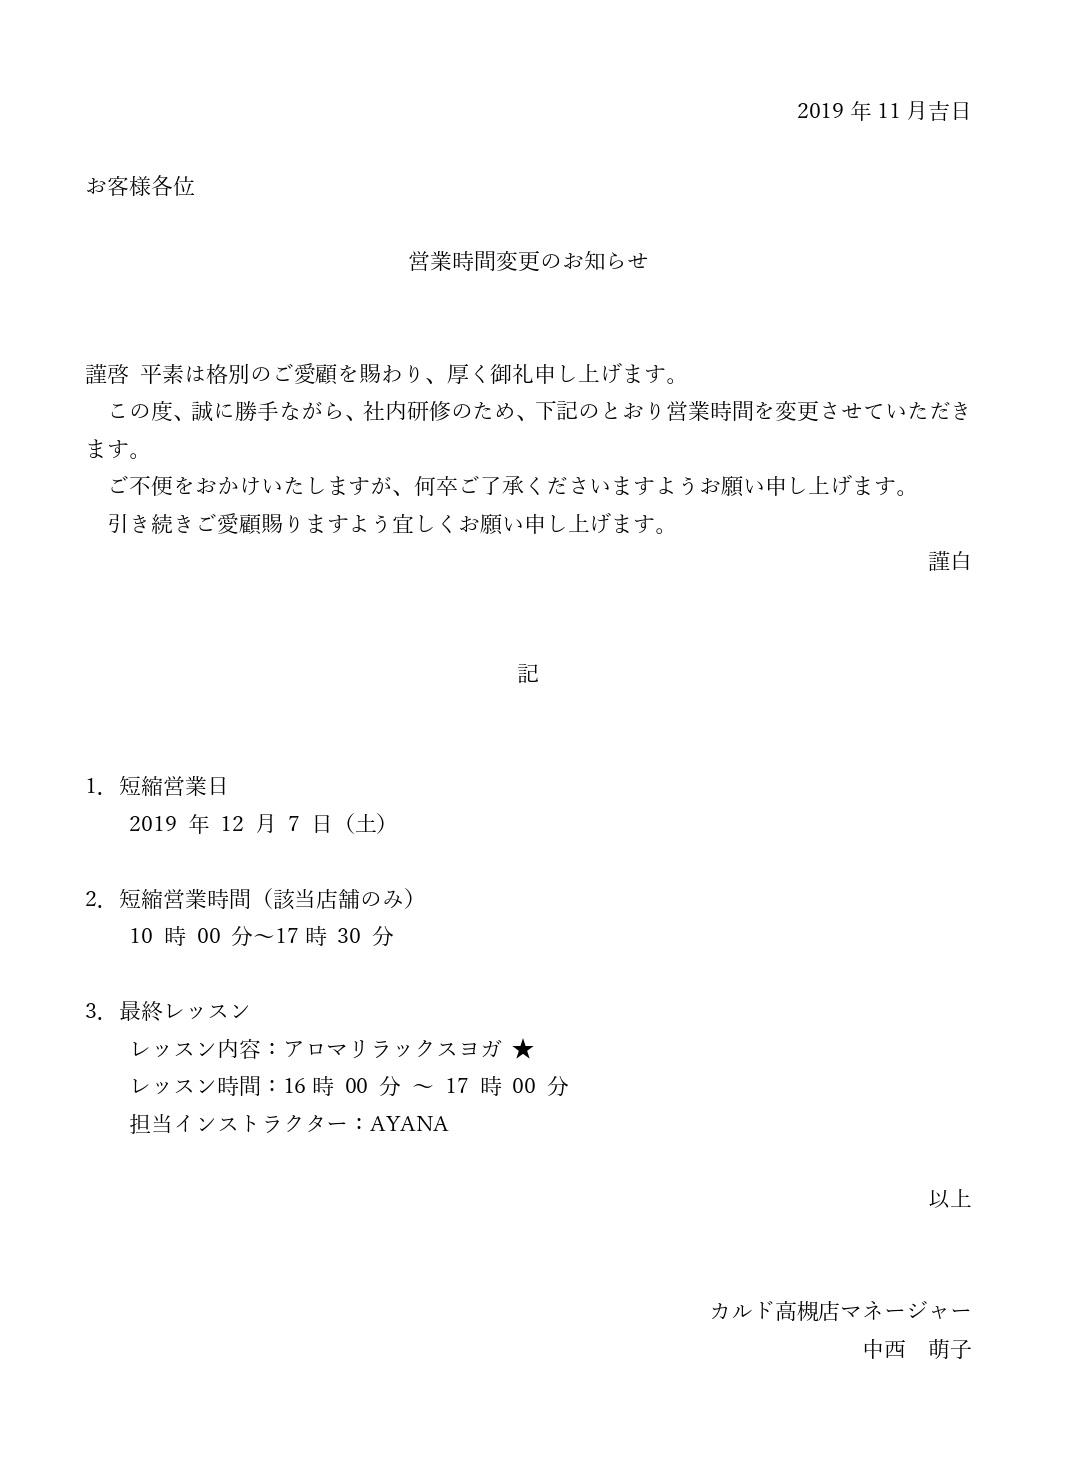 営業時間変更のお知らせ文_page-0001